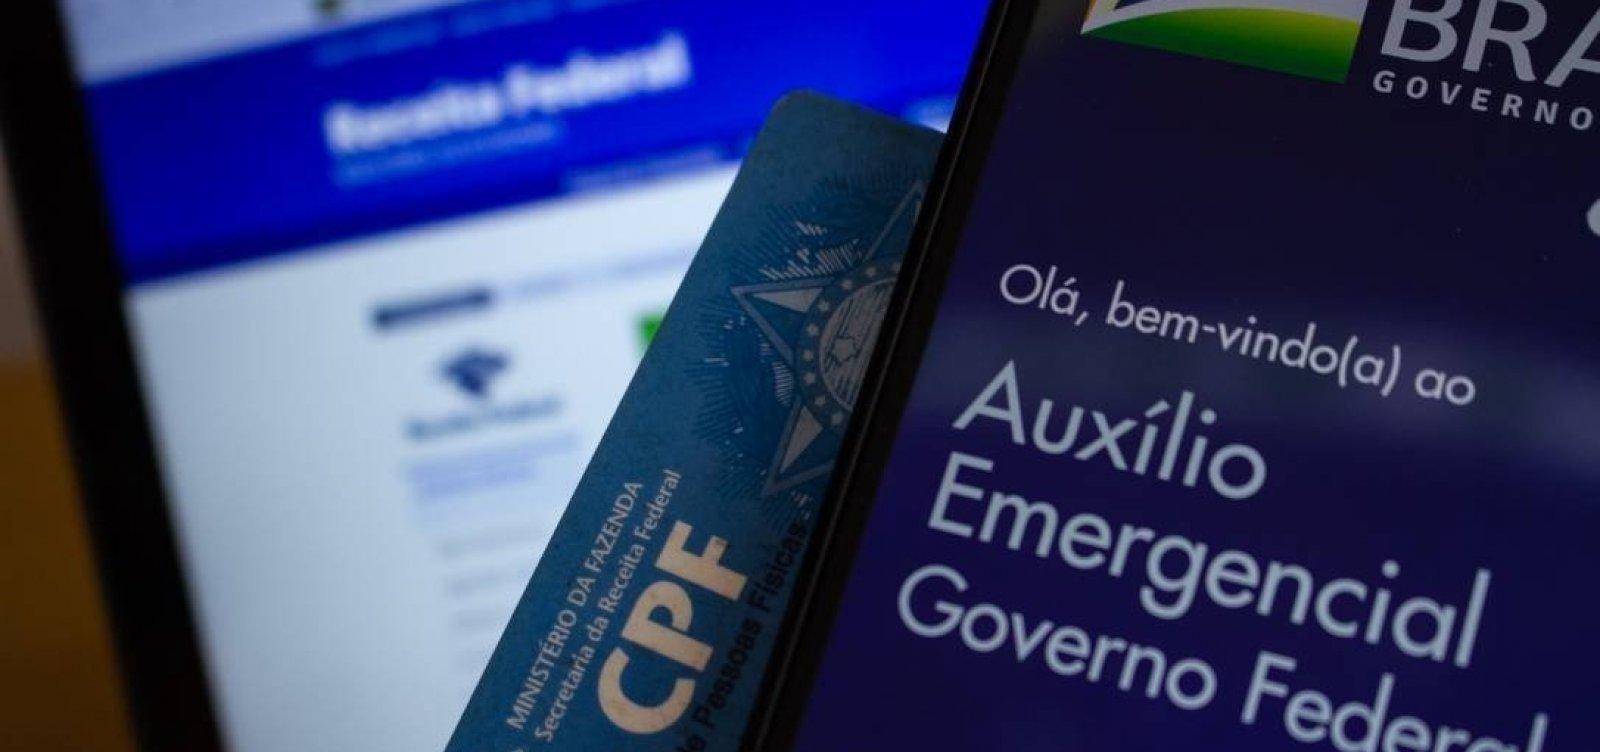 Auxílio emergencial de R$ 600 reduz a desigualdade ao menor nível ...